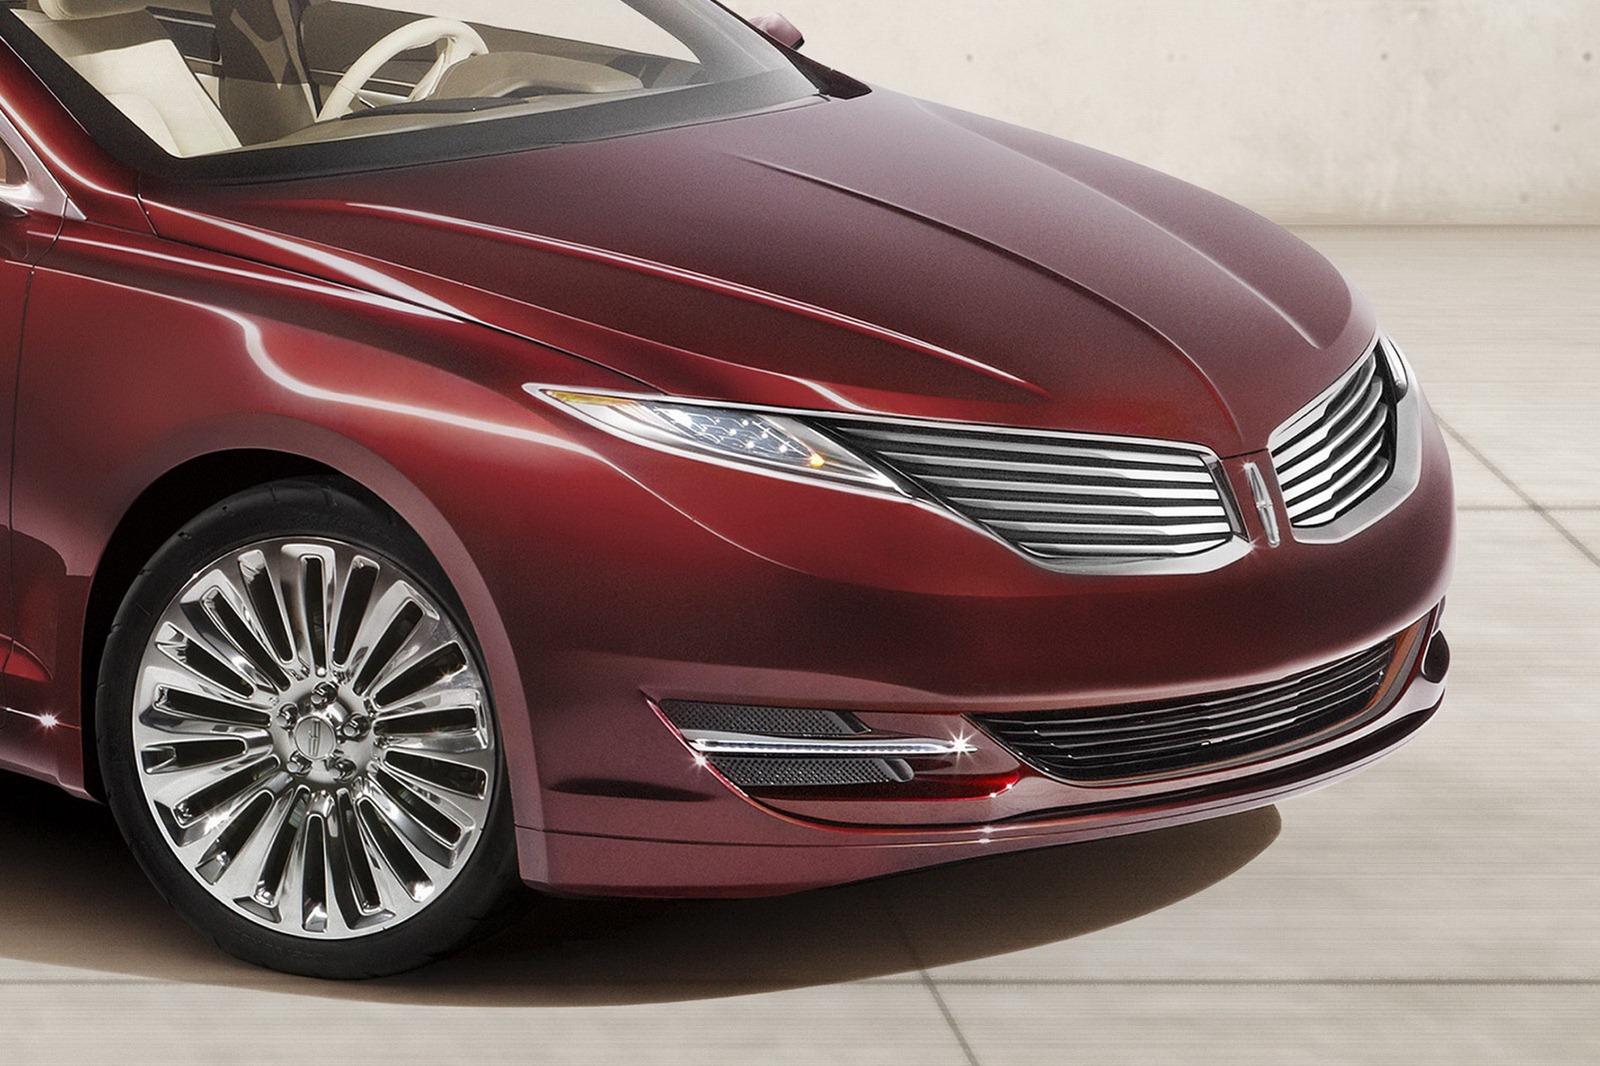 http://lh4.ggpht.com/-fusAa3tUQbY/TwvSfKks5mI/AAAAAAAGWmg/bwuSq2AOOrU/s1600/Lincoln-MKZ-Concept-20%25255B2%25255D.jpg